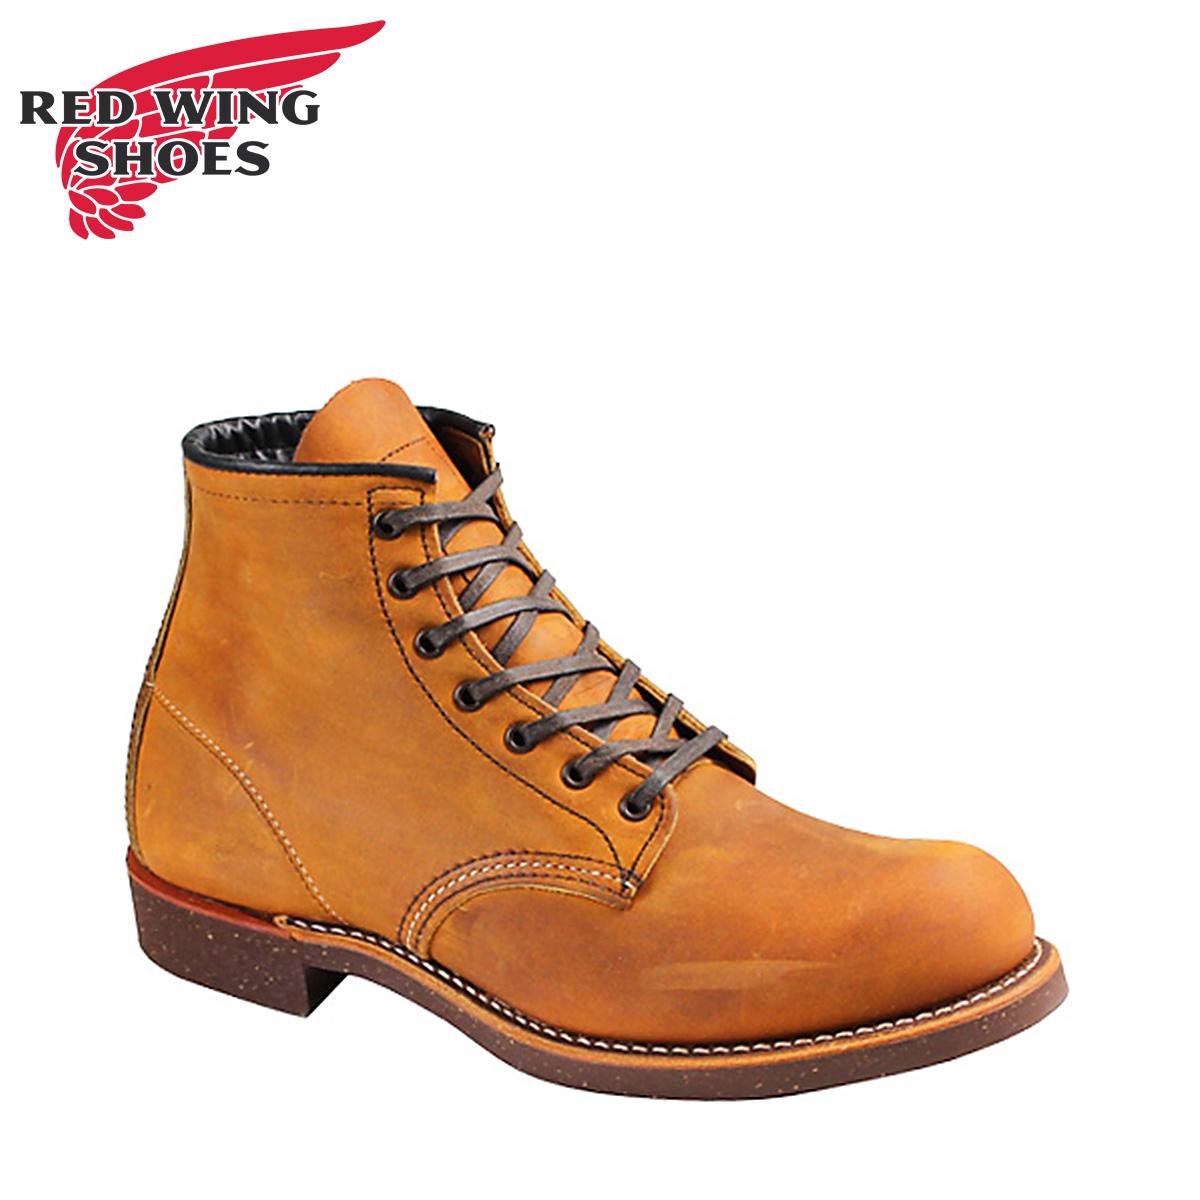 RED WING レッド 赤ウィング アイリッシュセッター ブーツ 6INCH ROUND TOE 6インチ ラウンドトゥ Dワイズ 2963 レッド 赤ウイング メンズ